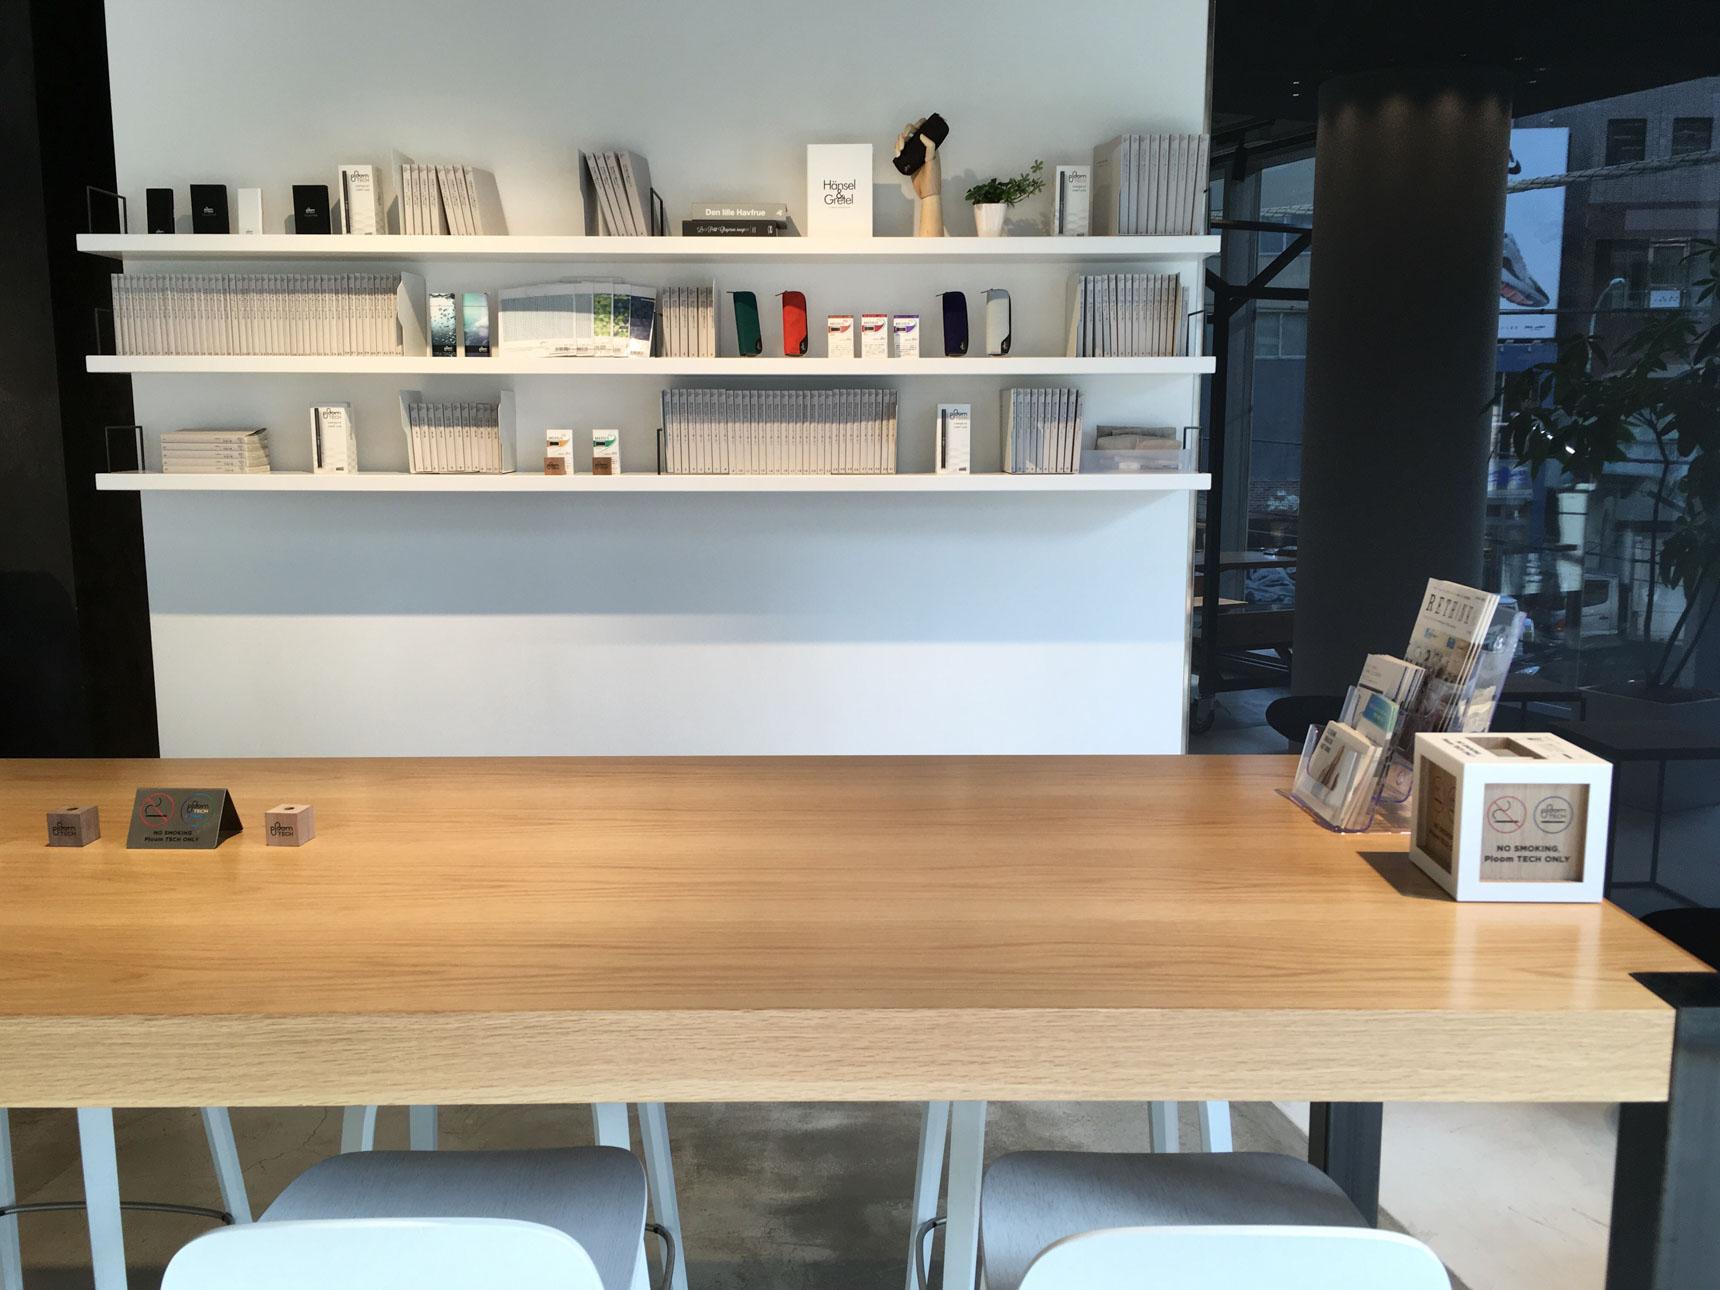 背が高いテーブルもあるので、スタンドアップMTGもできます。